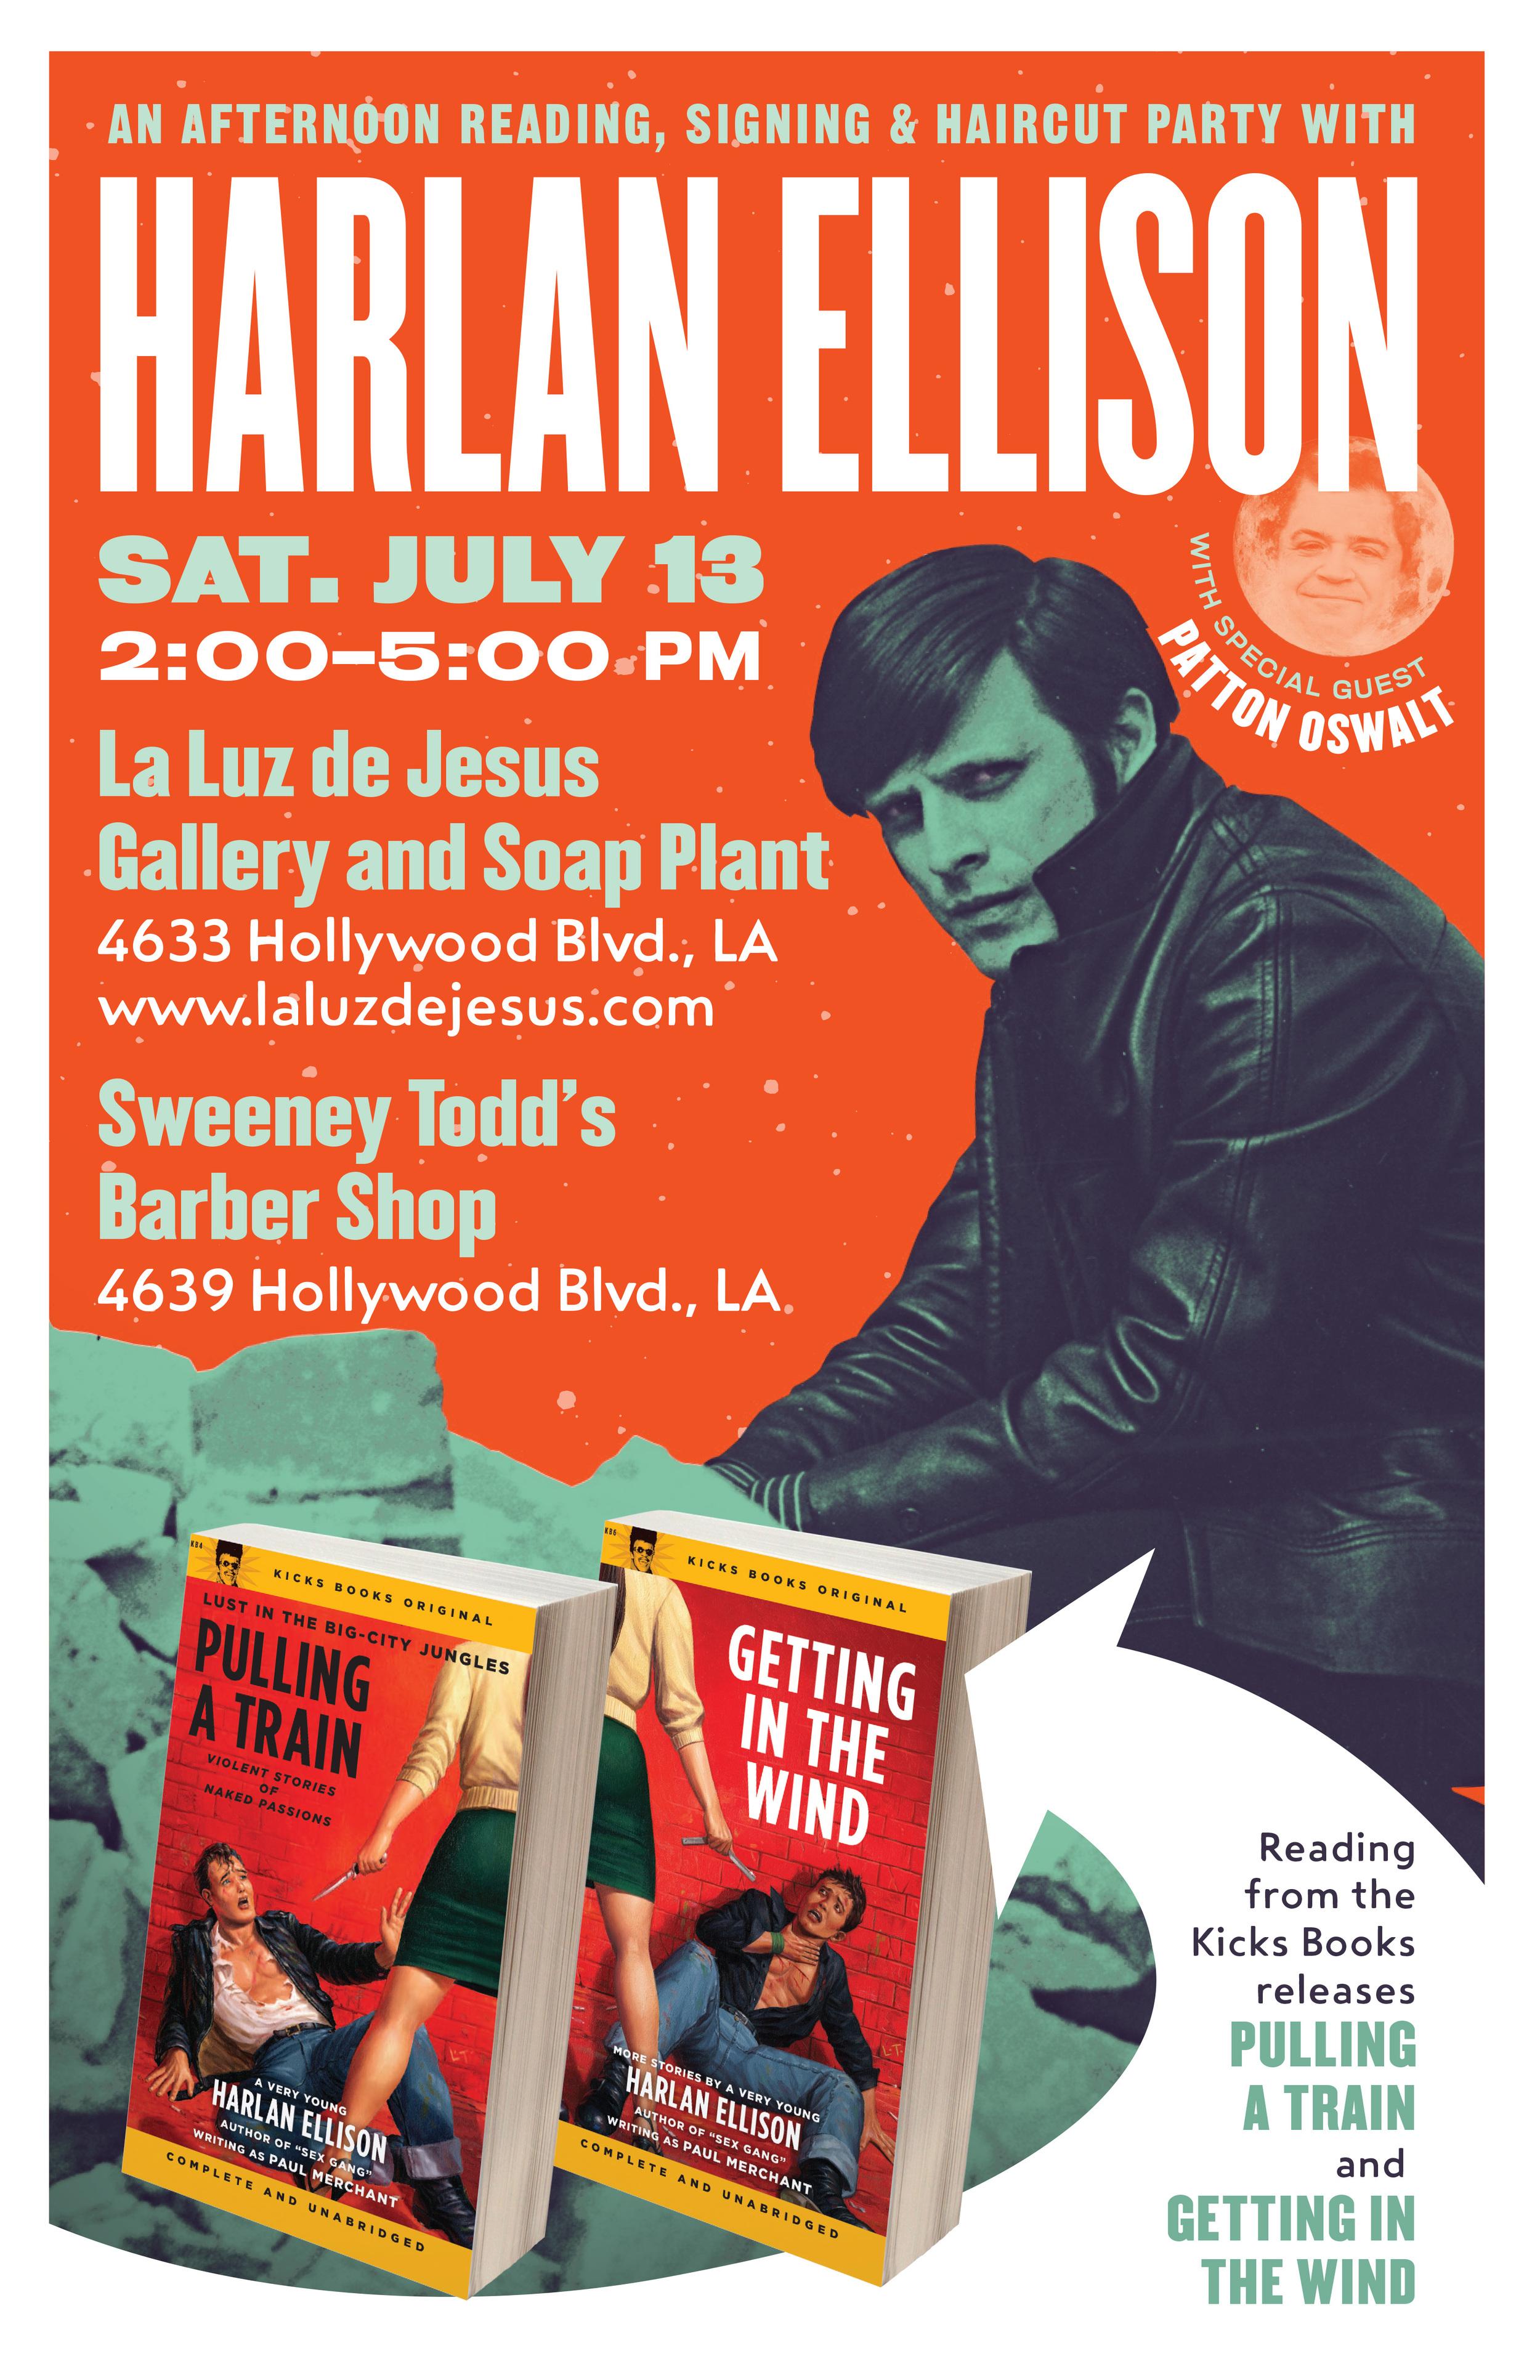 Harlan Ellison reading poster